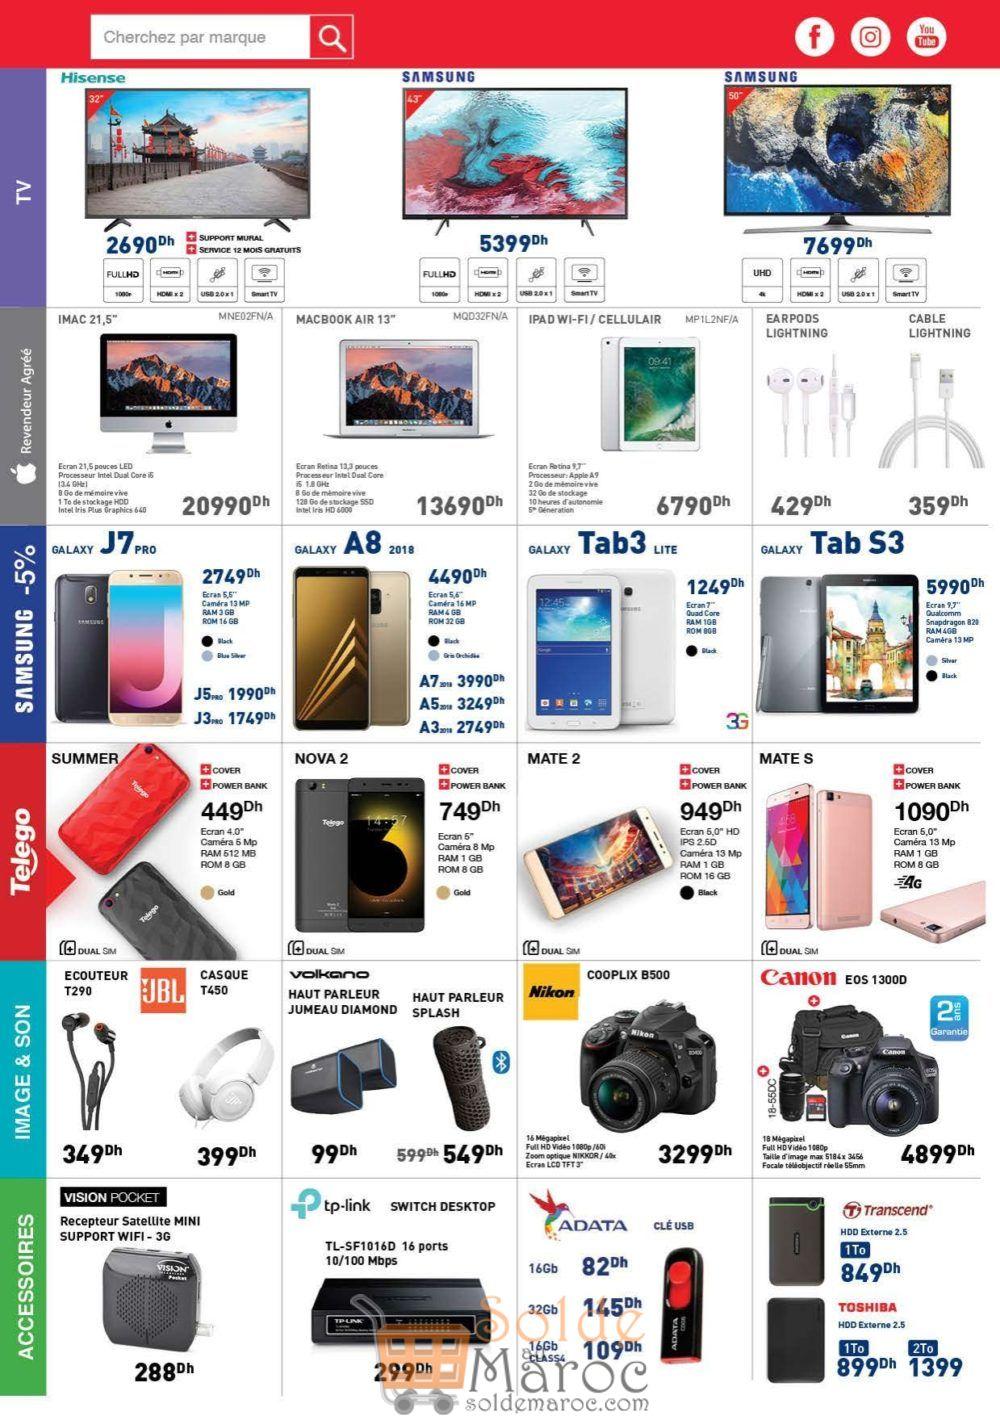 Catalogue Bestmark l'été pour tous